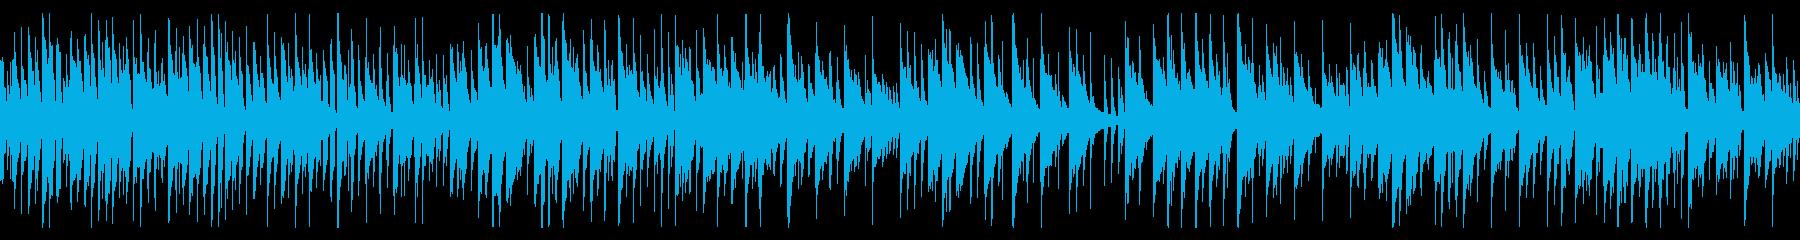 可愛くてほのぼのしたゲーム音楽の再生済みの波形